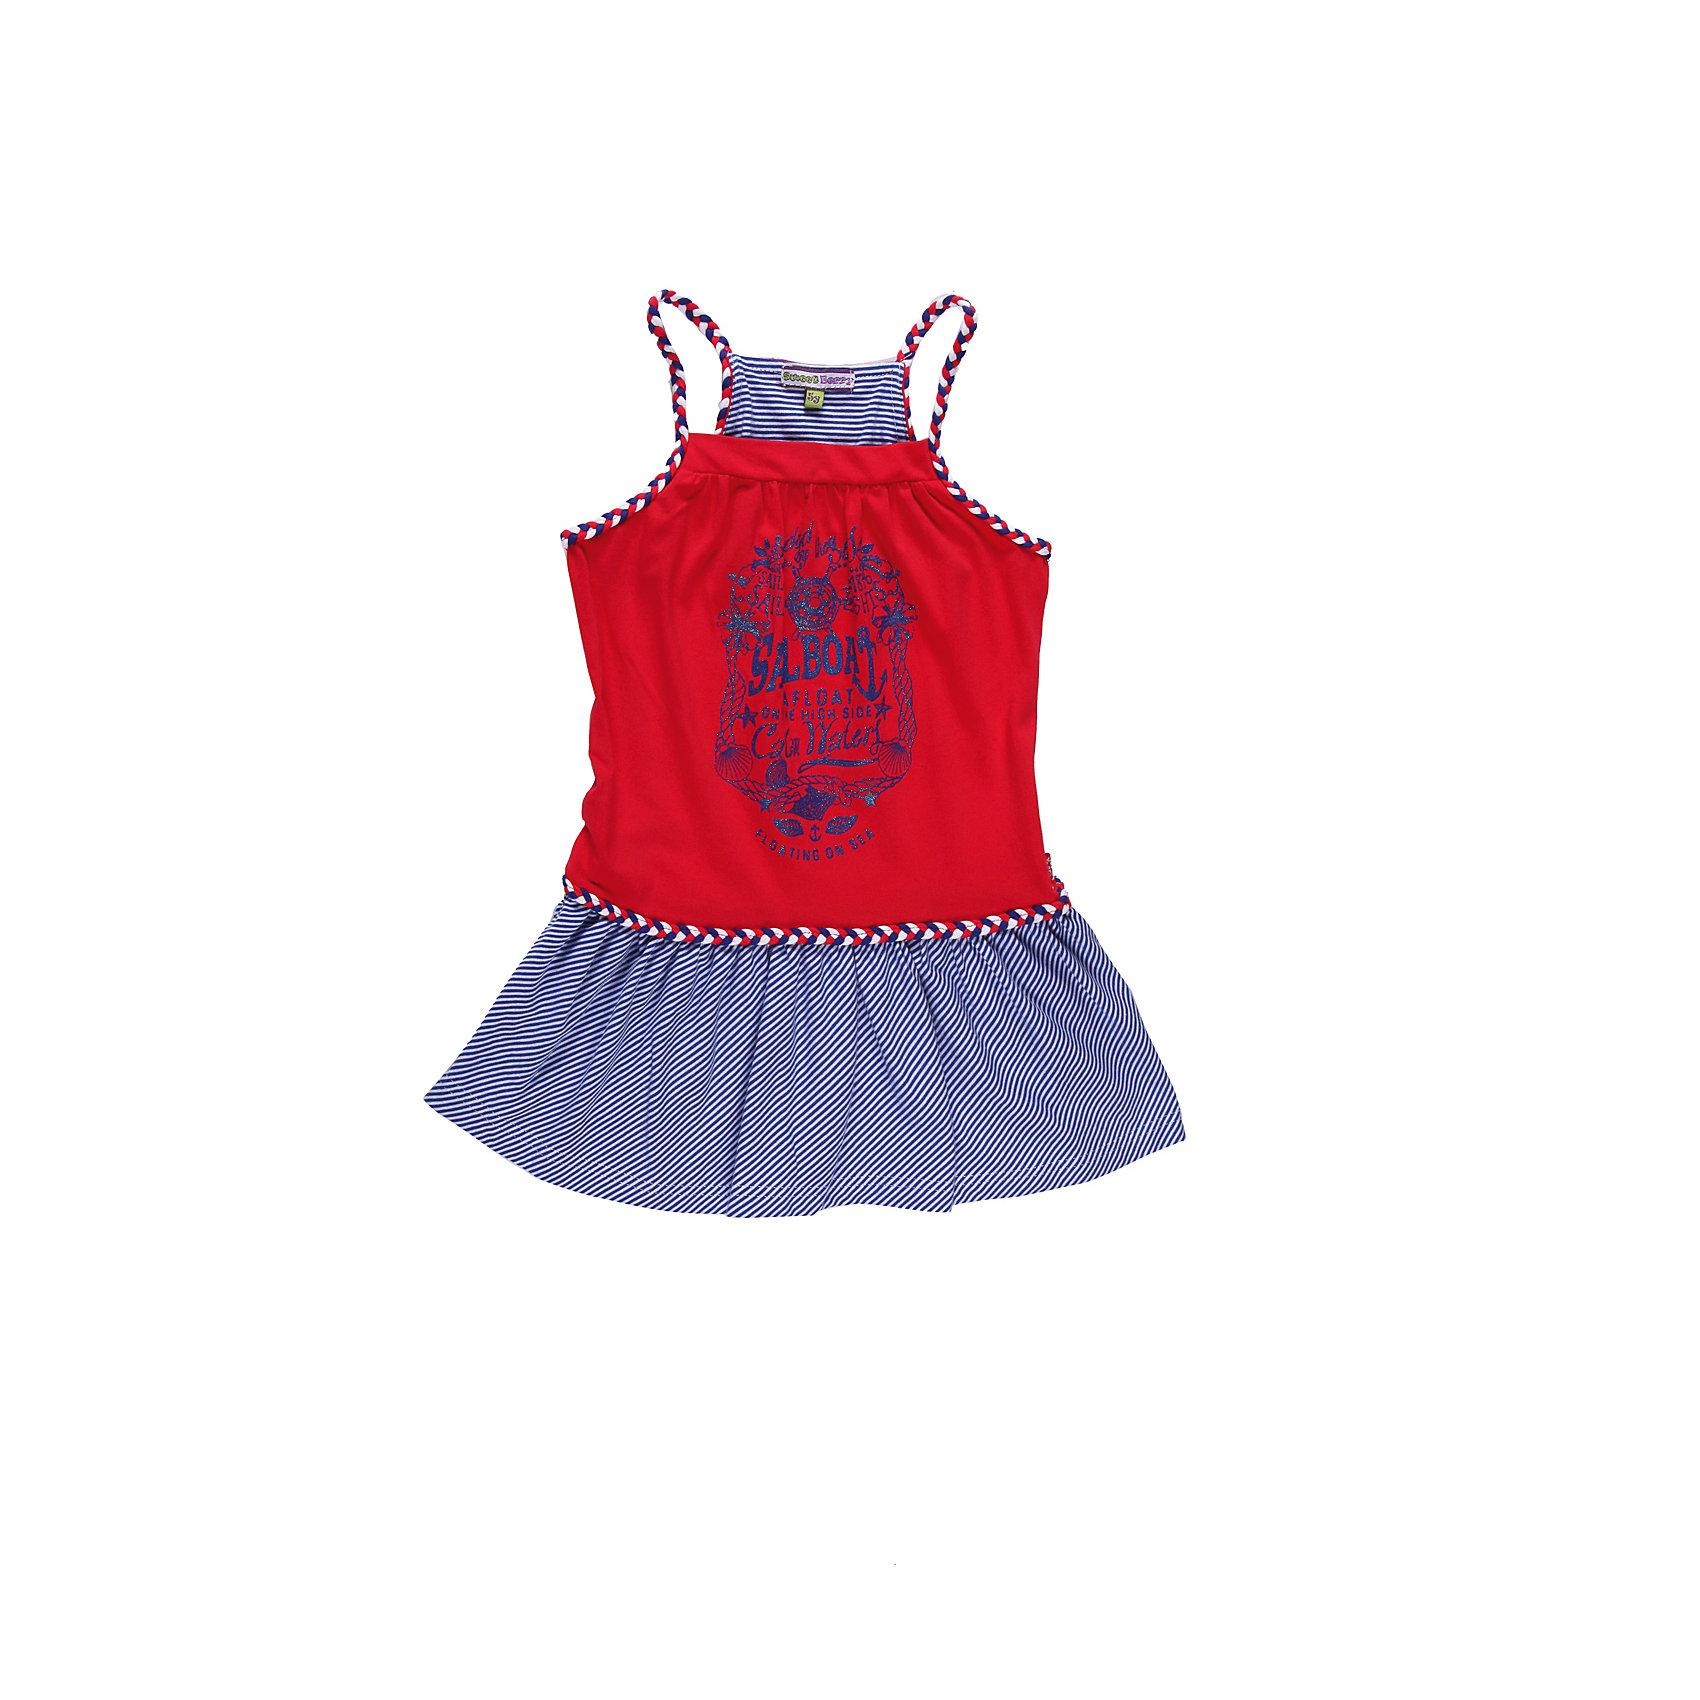 Платье для девочки Sweet BerryТрикотажное платье украшенное яркими цветами и  переплетеными бретелями.<br>Состав:<br>95% хлопок, 5% эластан<br><br>Ширина мм: 236<br>Глубина мм: 16<br>Высота мм: 184<br>Вес г: 177<br>Цвет: синий/красный<br>Возраст от месяцев: 60<br>Возраст до месяцев: 72<br>Пол: Женский<br>Возраст: Детский<br>Размер: 116,98,104,128,122,110<br>SKU: 4521070